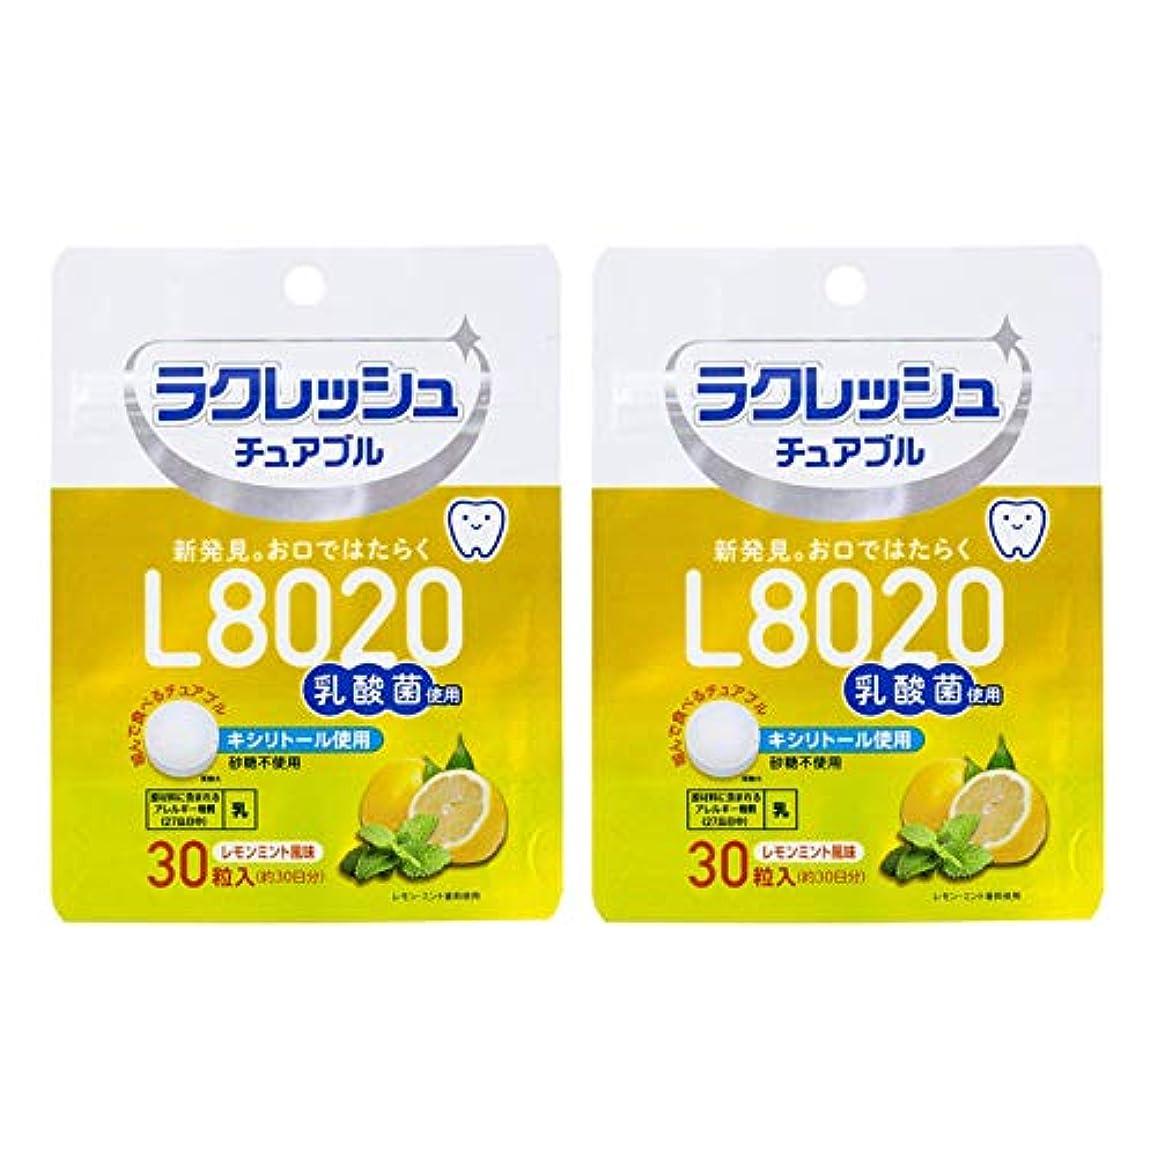 要求する払い戻し矩形ラクレッシュ L8020 乳酸菌 チュアブル レモンミント風味 オーラルケア 30粒入×2袋